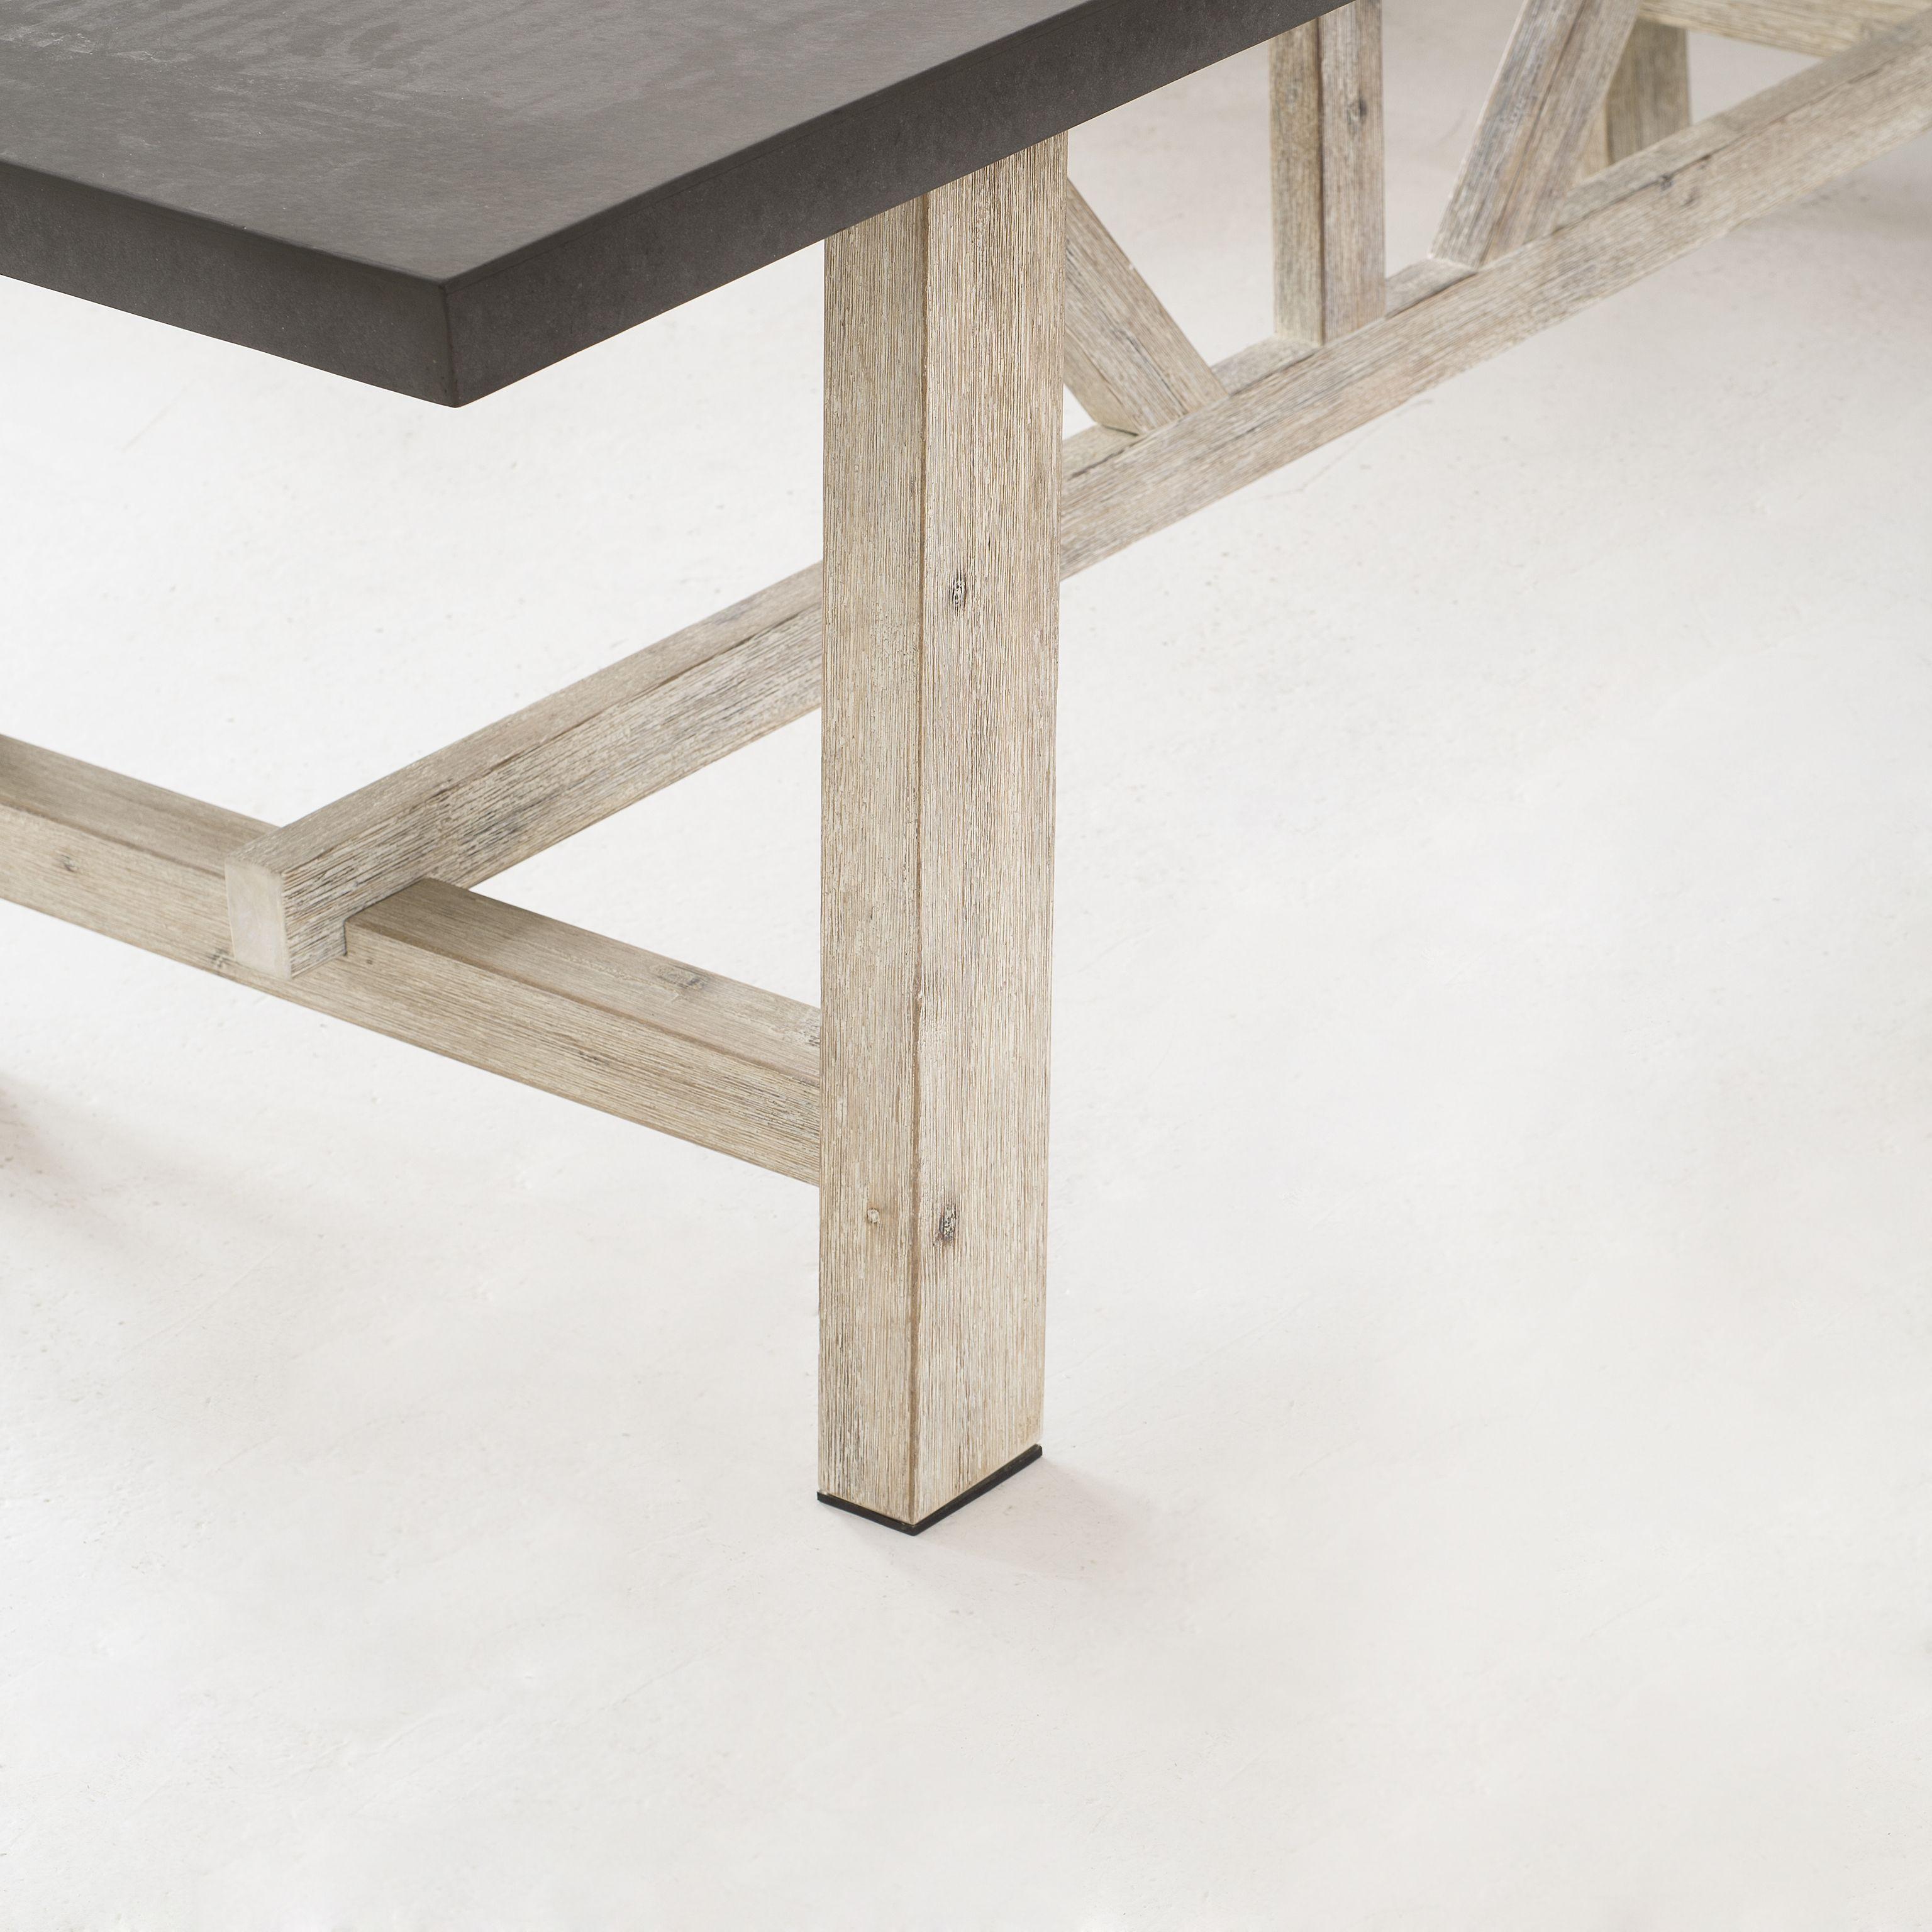 chilson tisch bank garnitur f r 10 personen bei. Black Bedroom Furniture Sets. Home Design Ideas